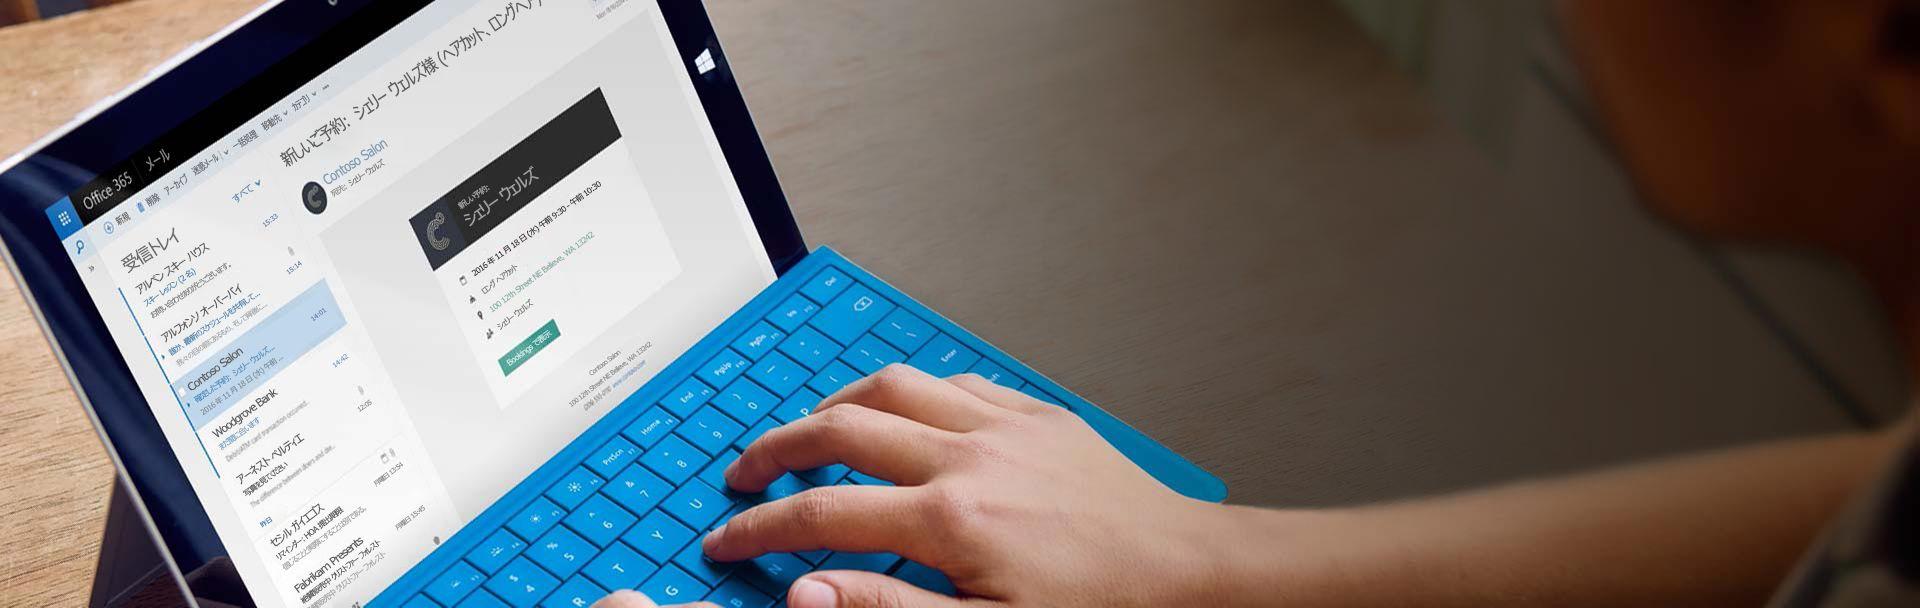 メールで届いた Office 365 Bookings の予約リマインダーが表示されたタブレット